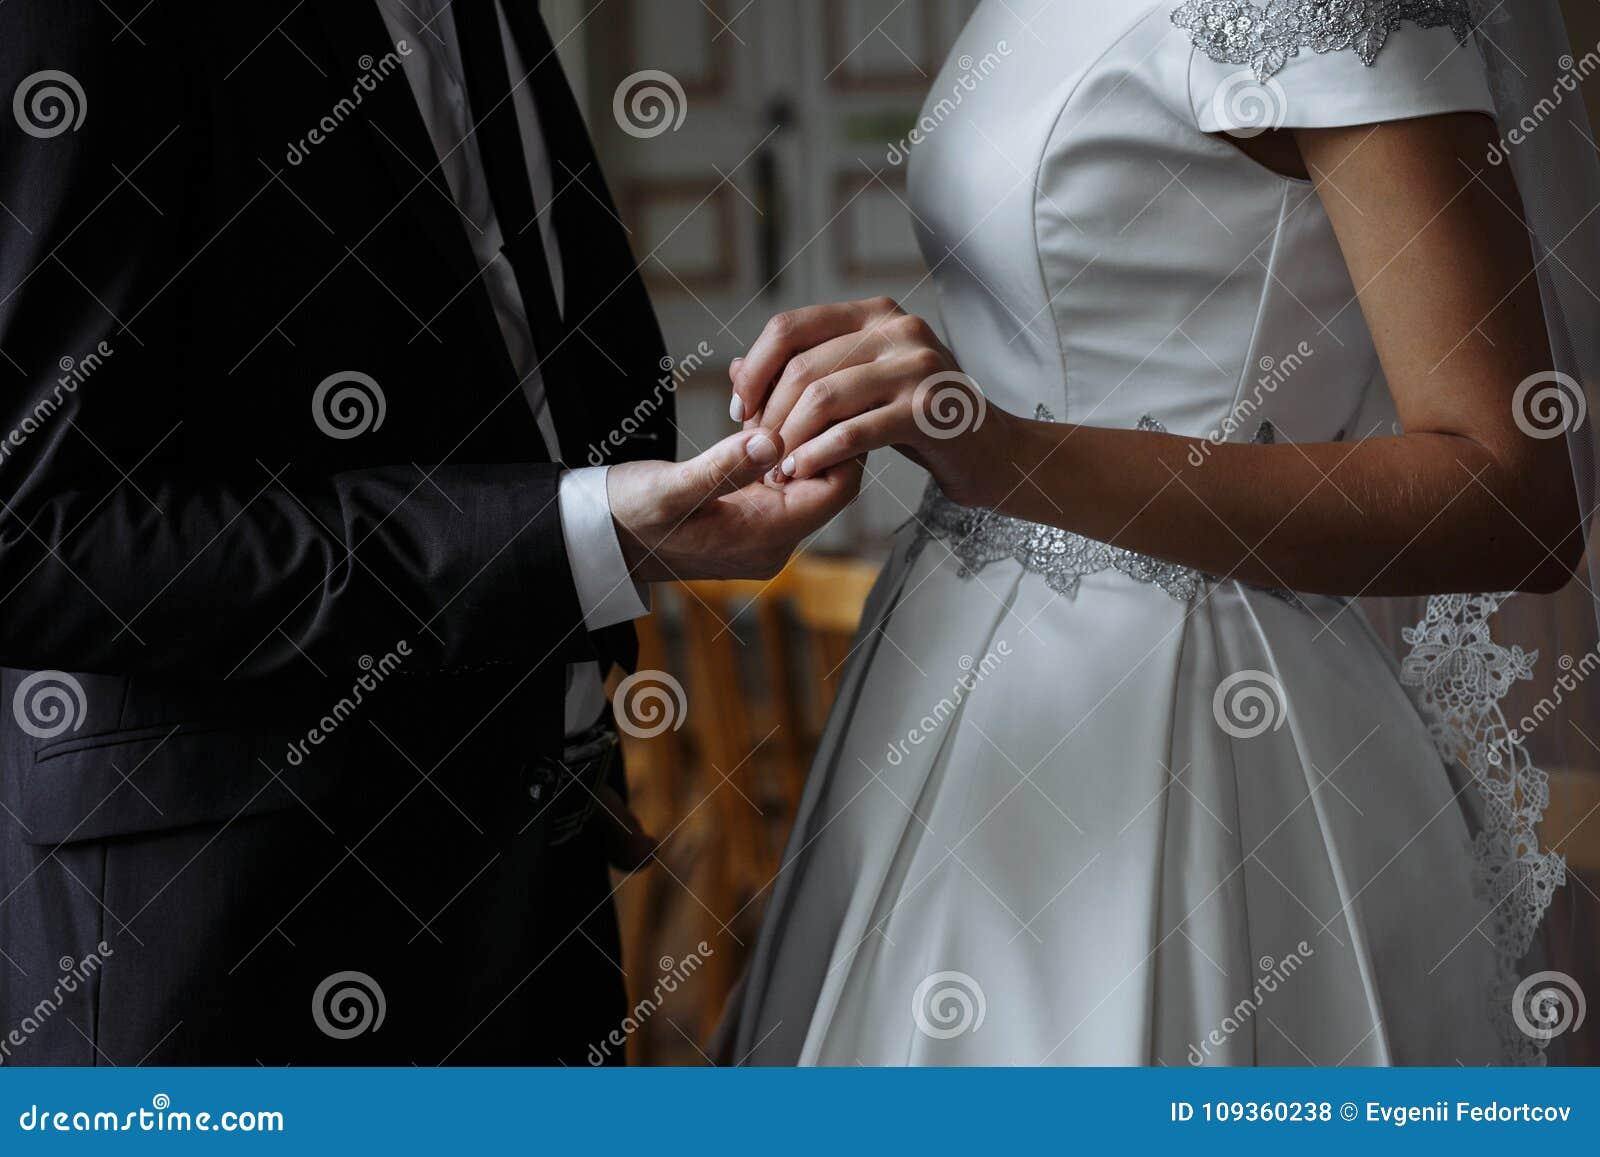 Новобрачные, перед свадьбой